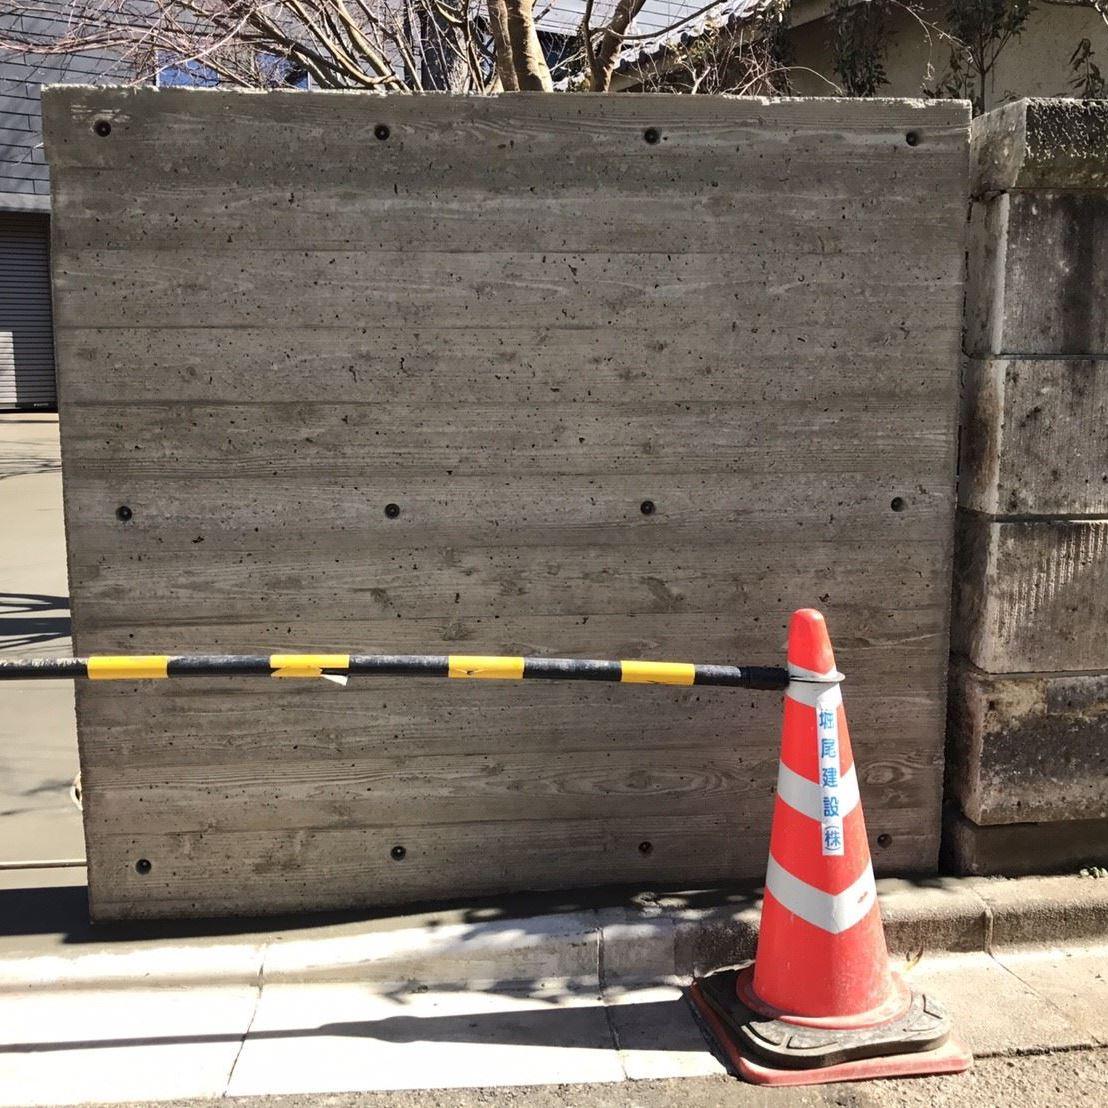 埼玉県コンクリート打ち放し杉板模様エクステリア擁壁補修工事